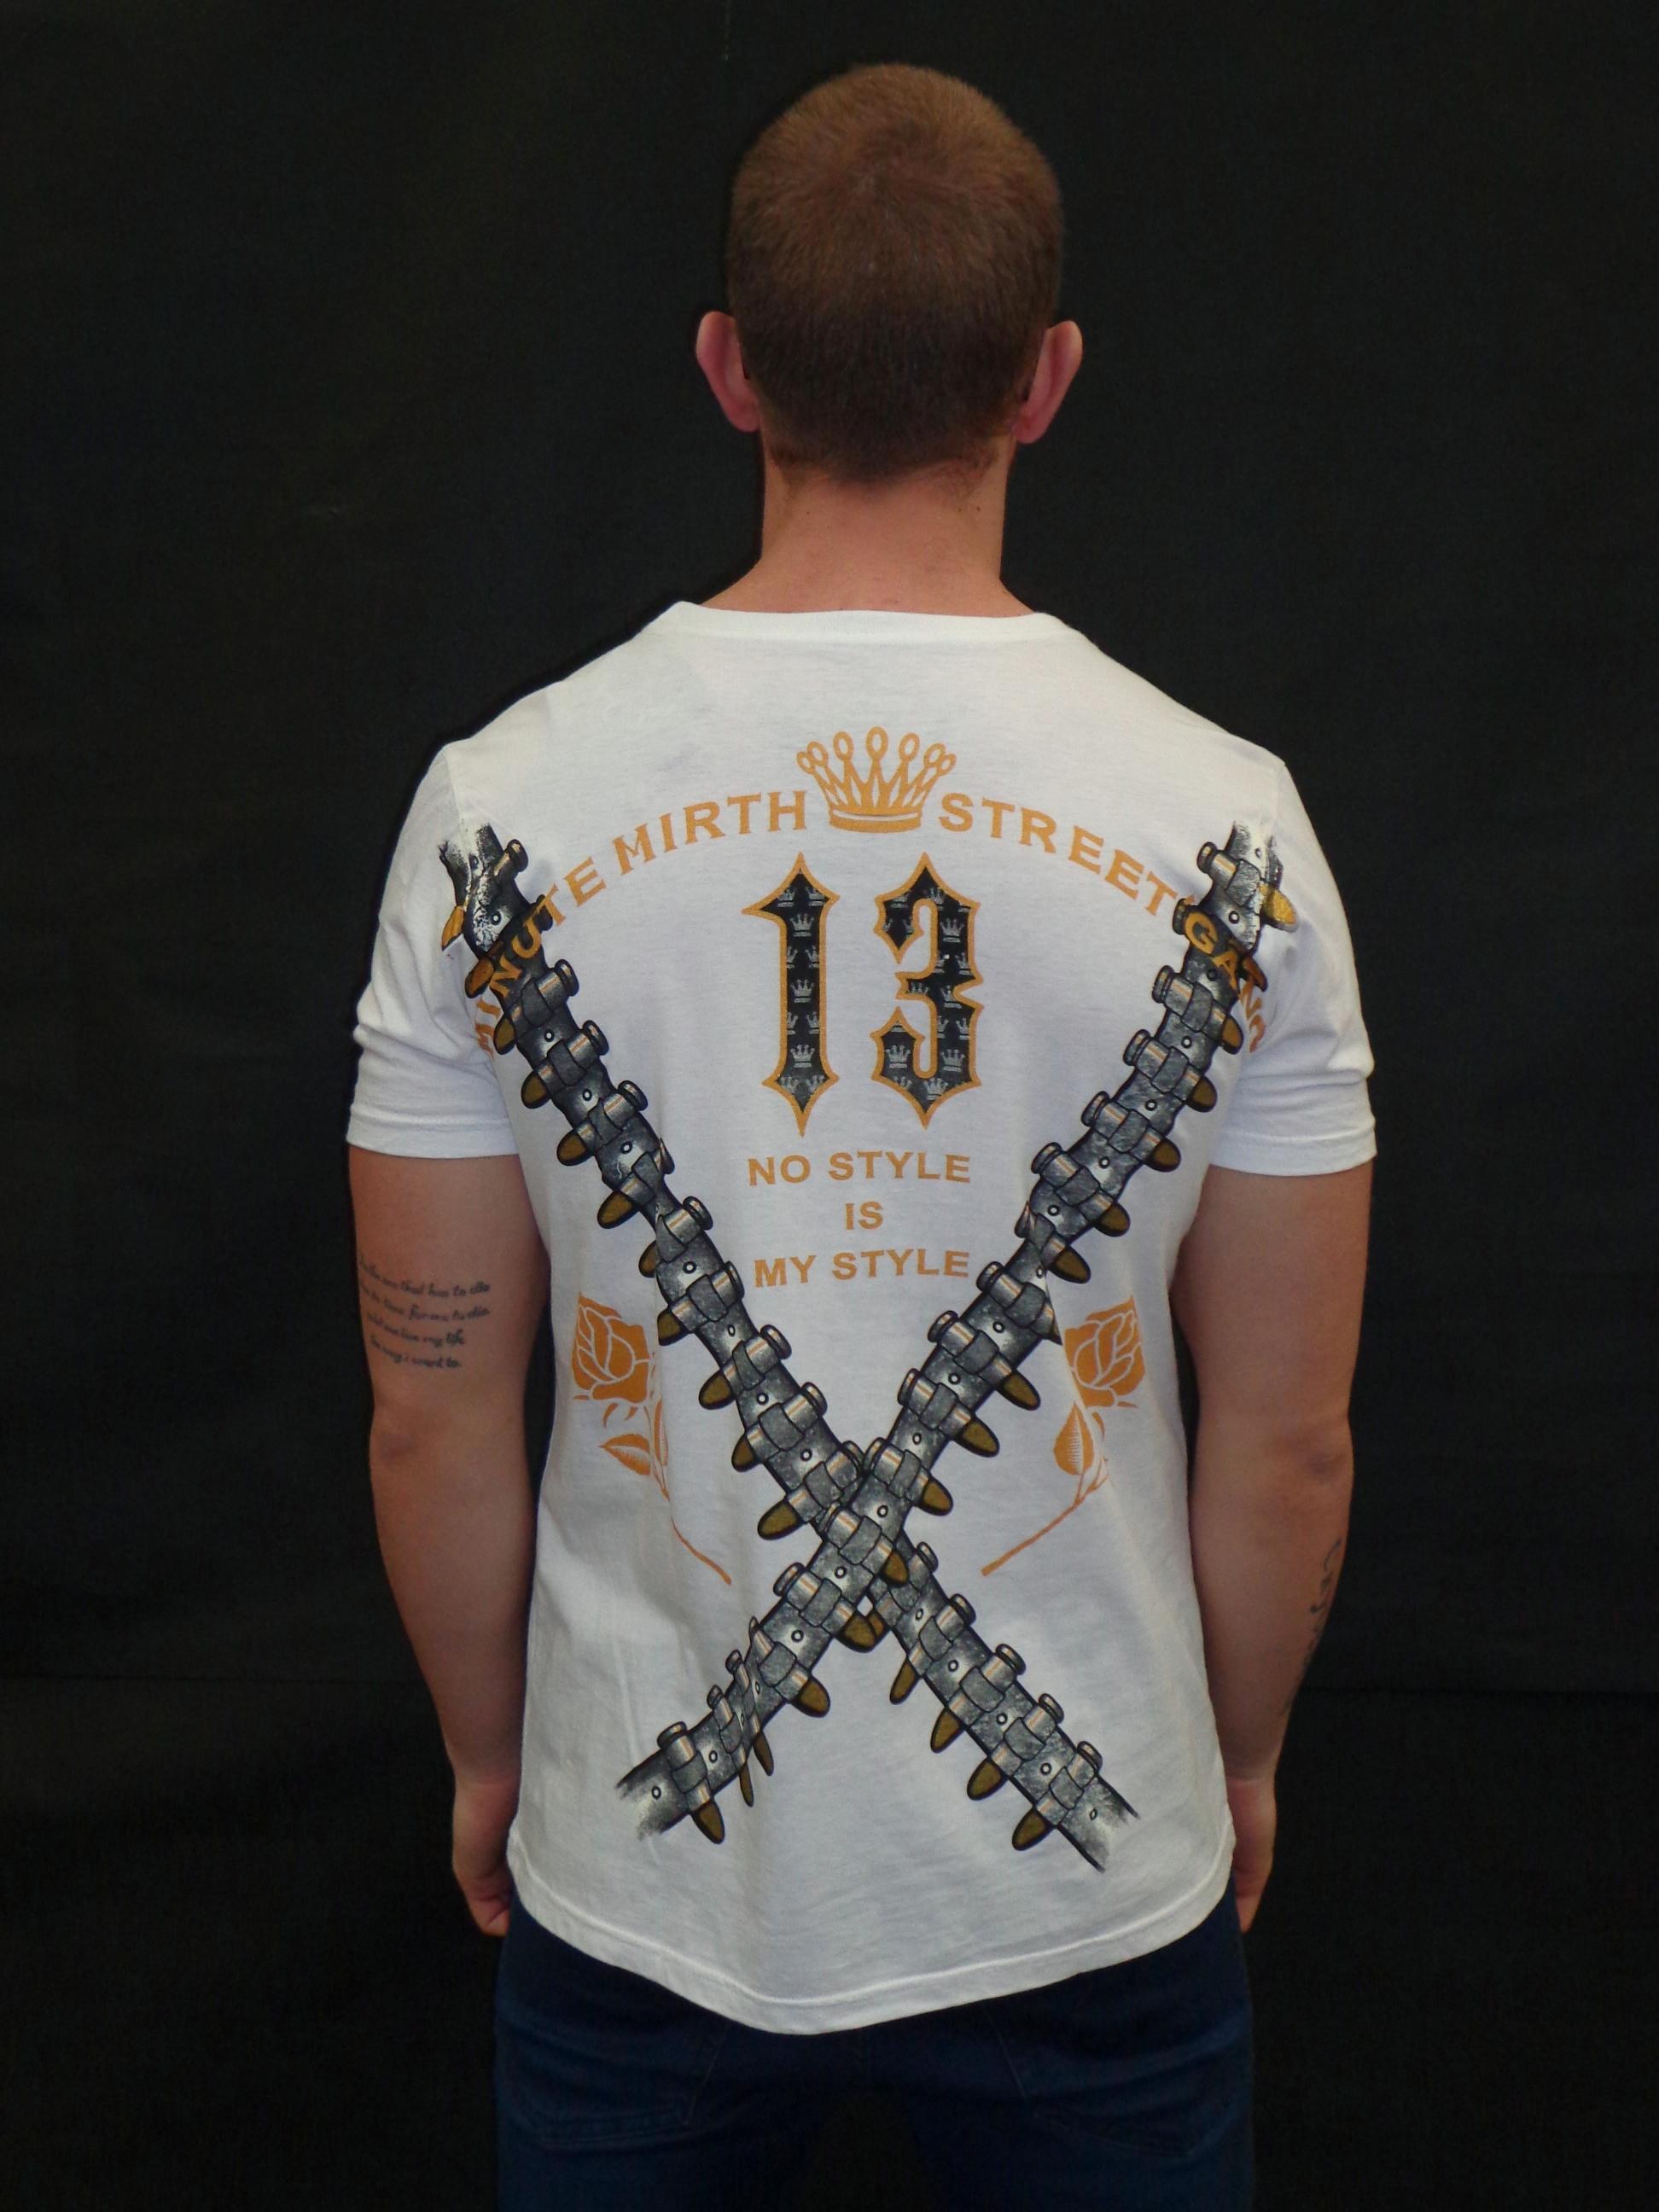 eight_ball_t_shirt_unisex__t_shirts_6.jpg